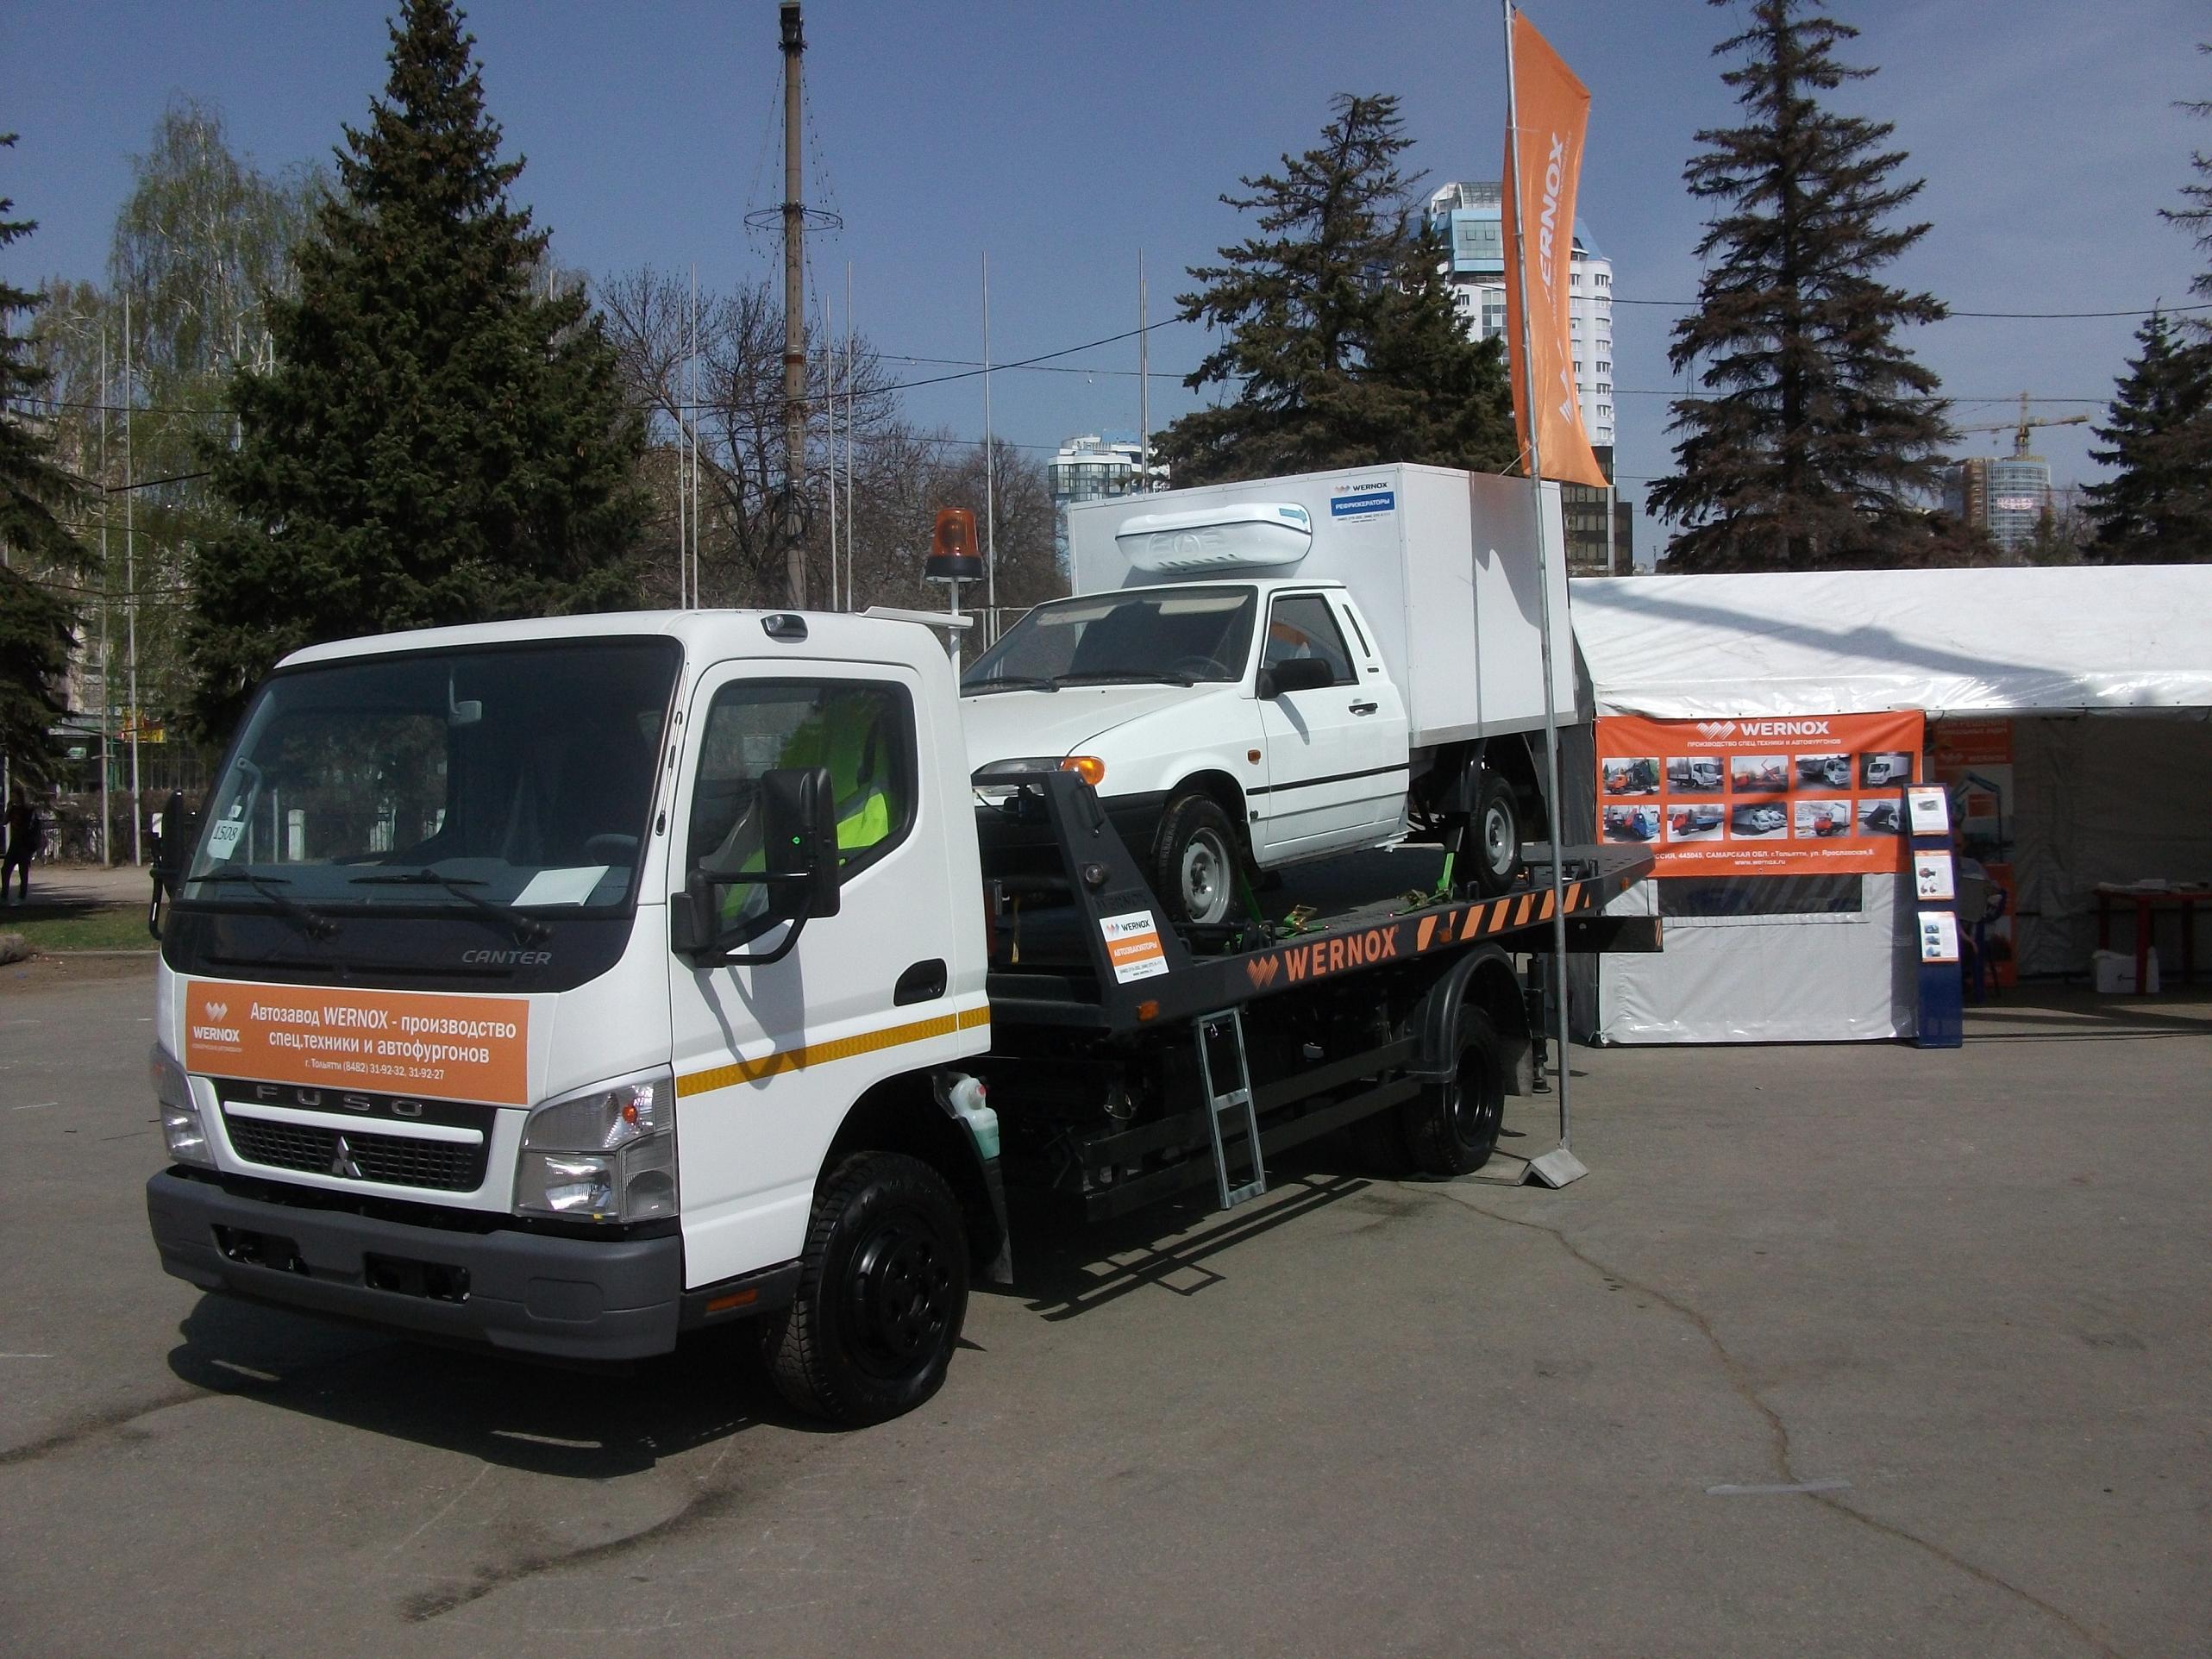 Цены на покупку автомобиля-эвакуатора в России